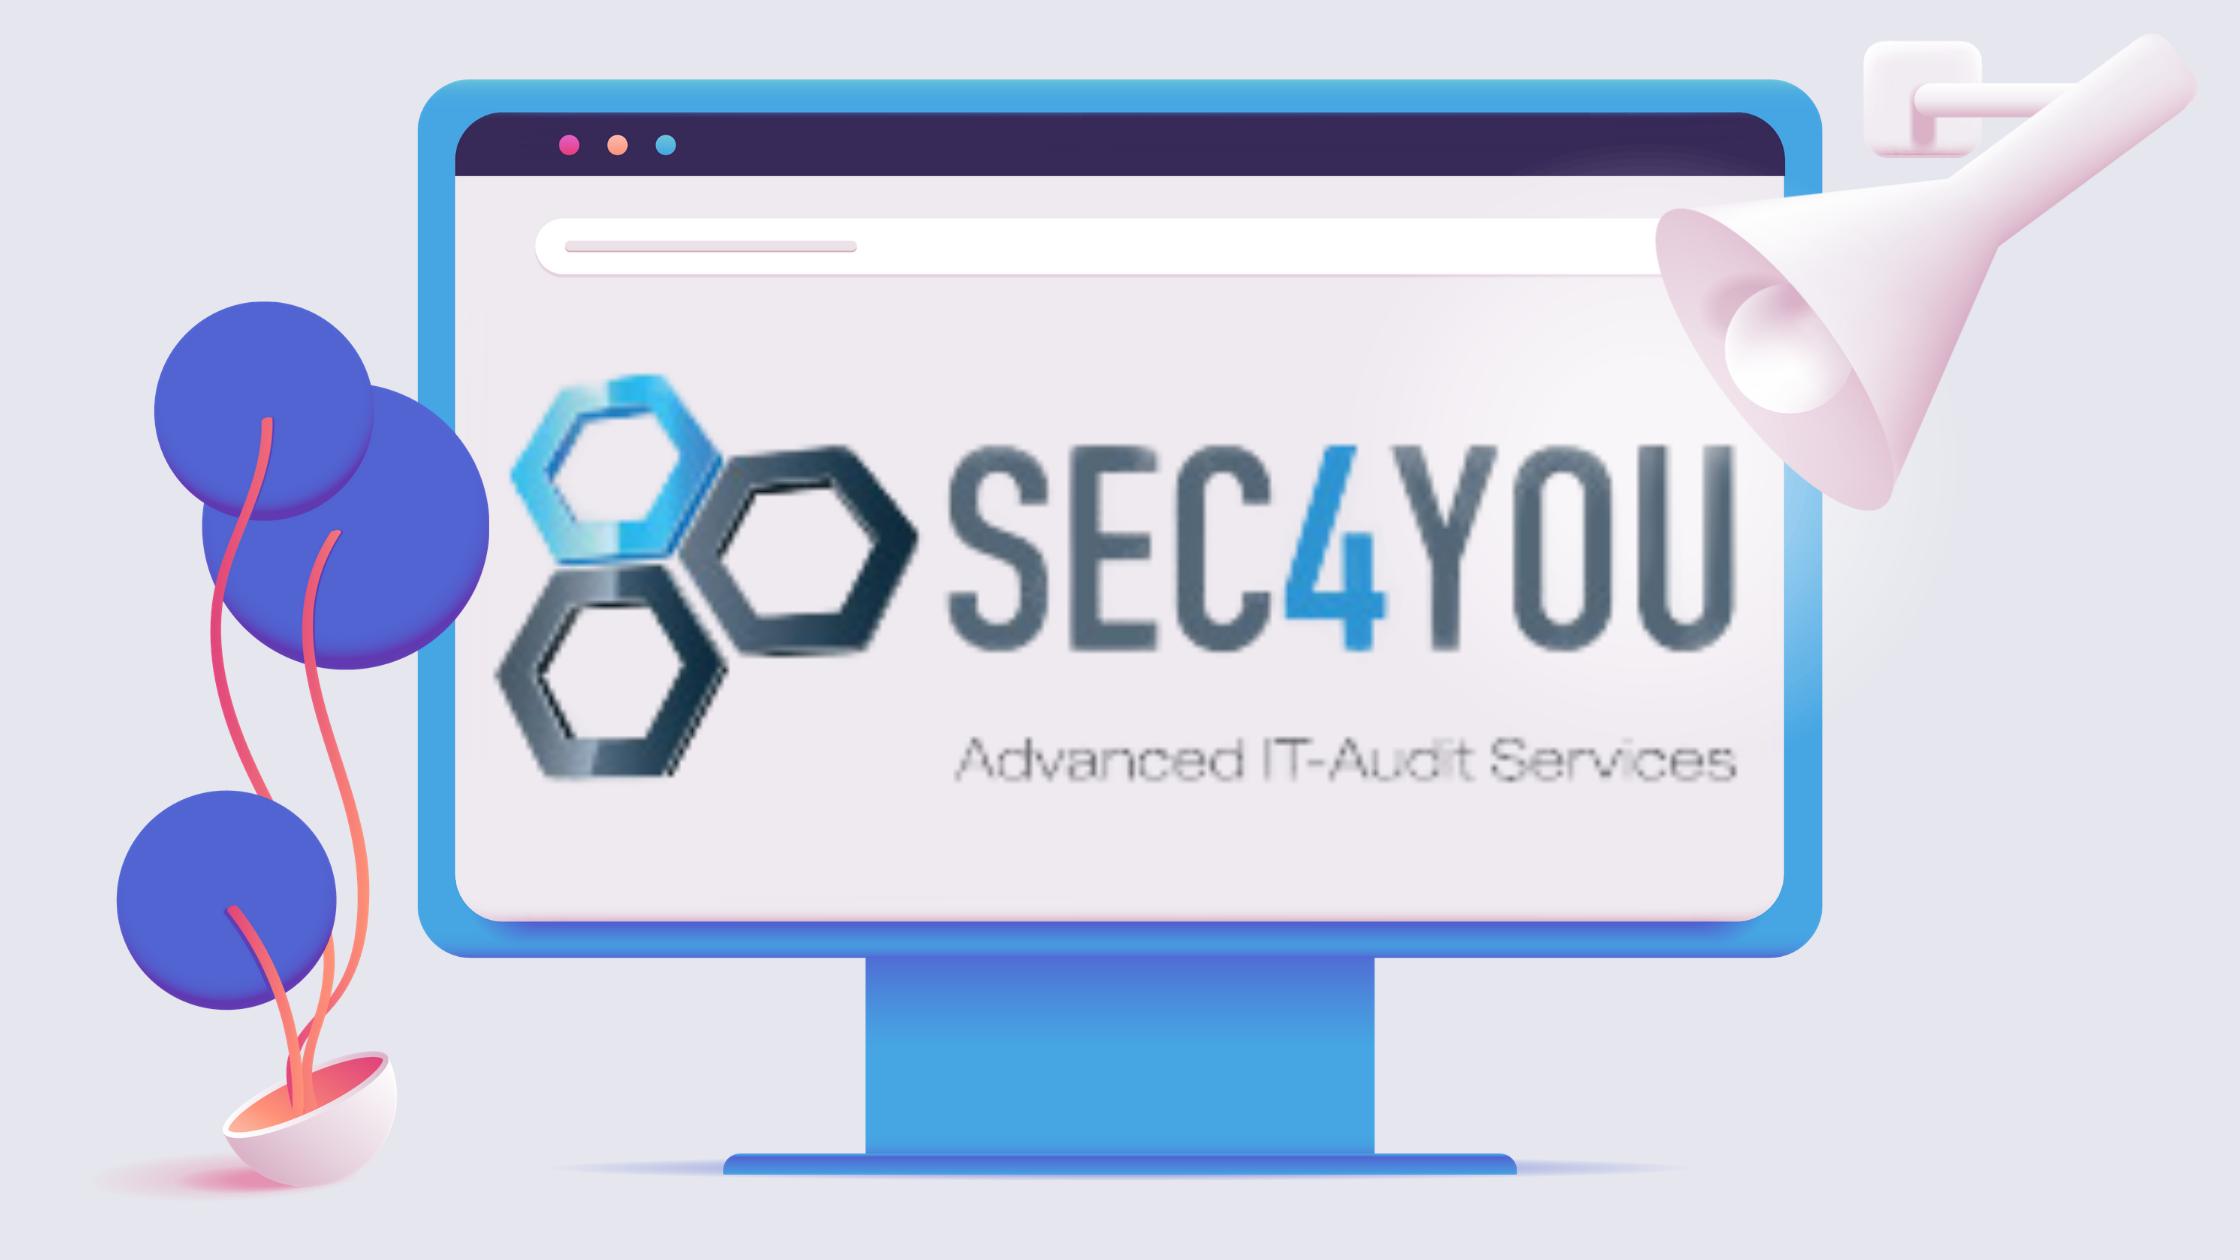 Zusammenarbeit mit SEC4YOU